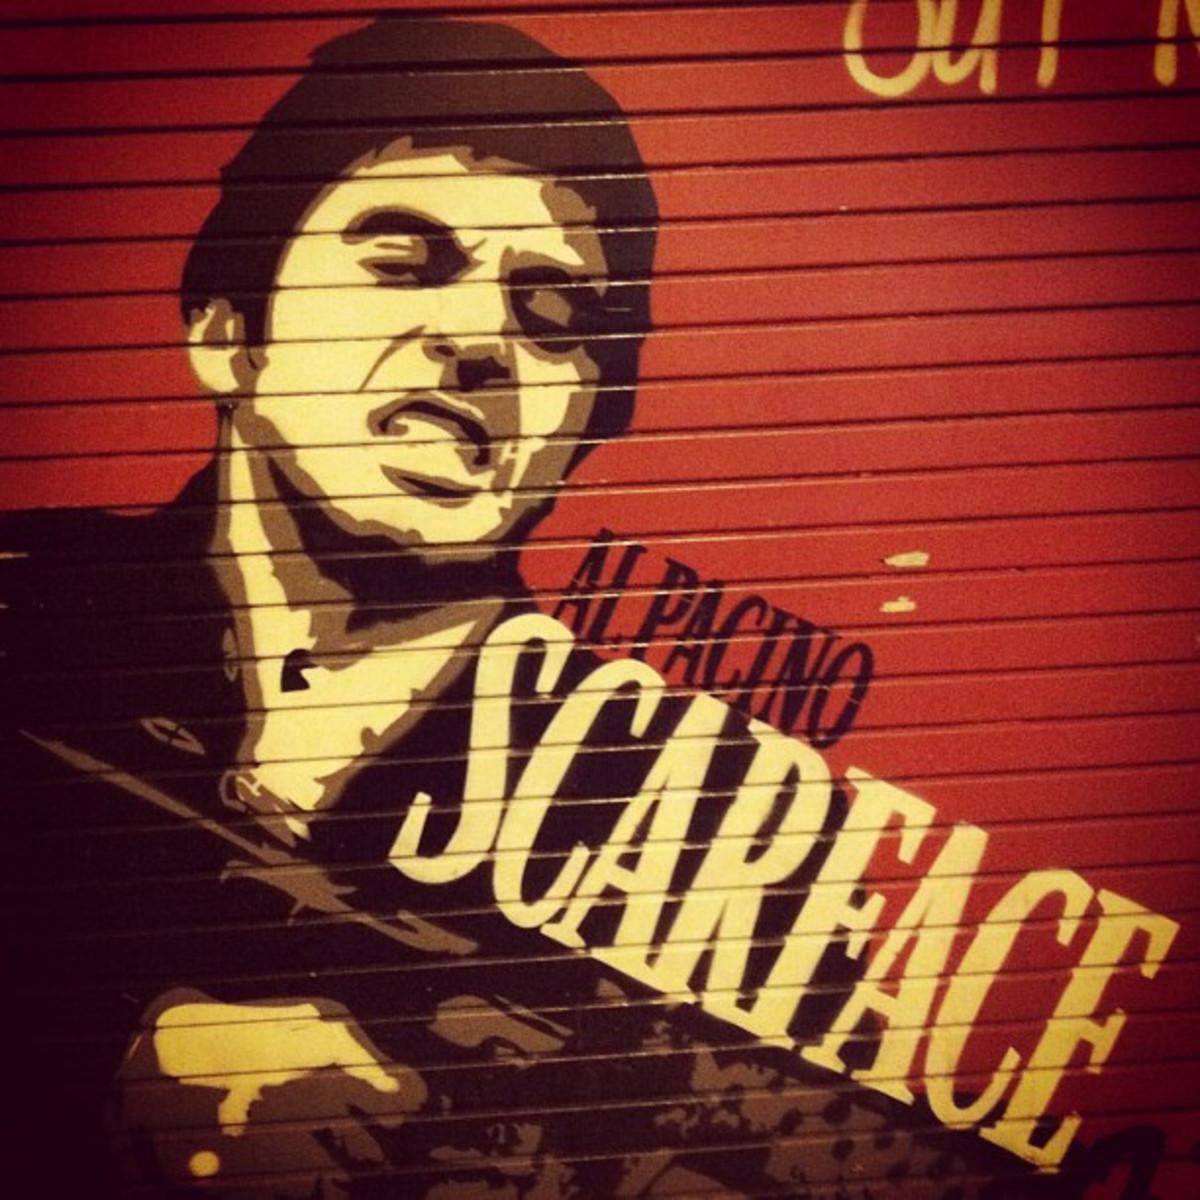 Al Pacino as Tony Montana from the 1983 movie Scarface